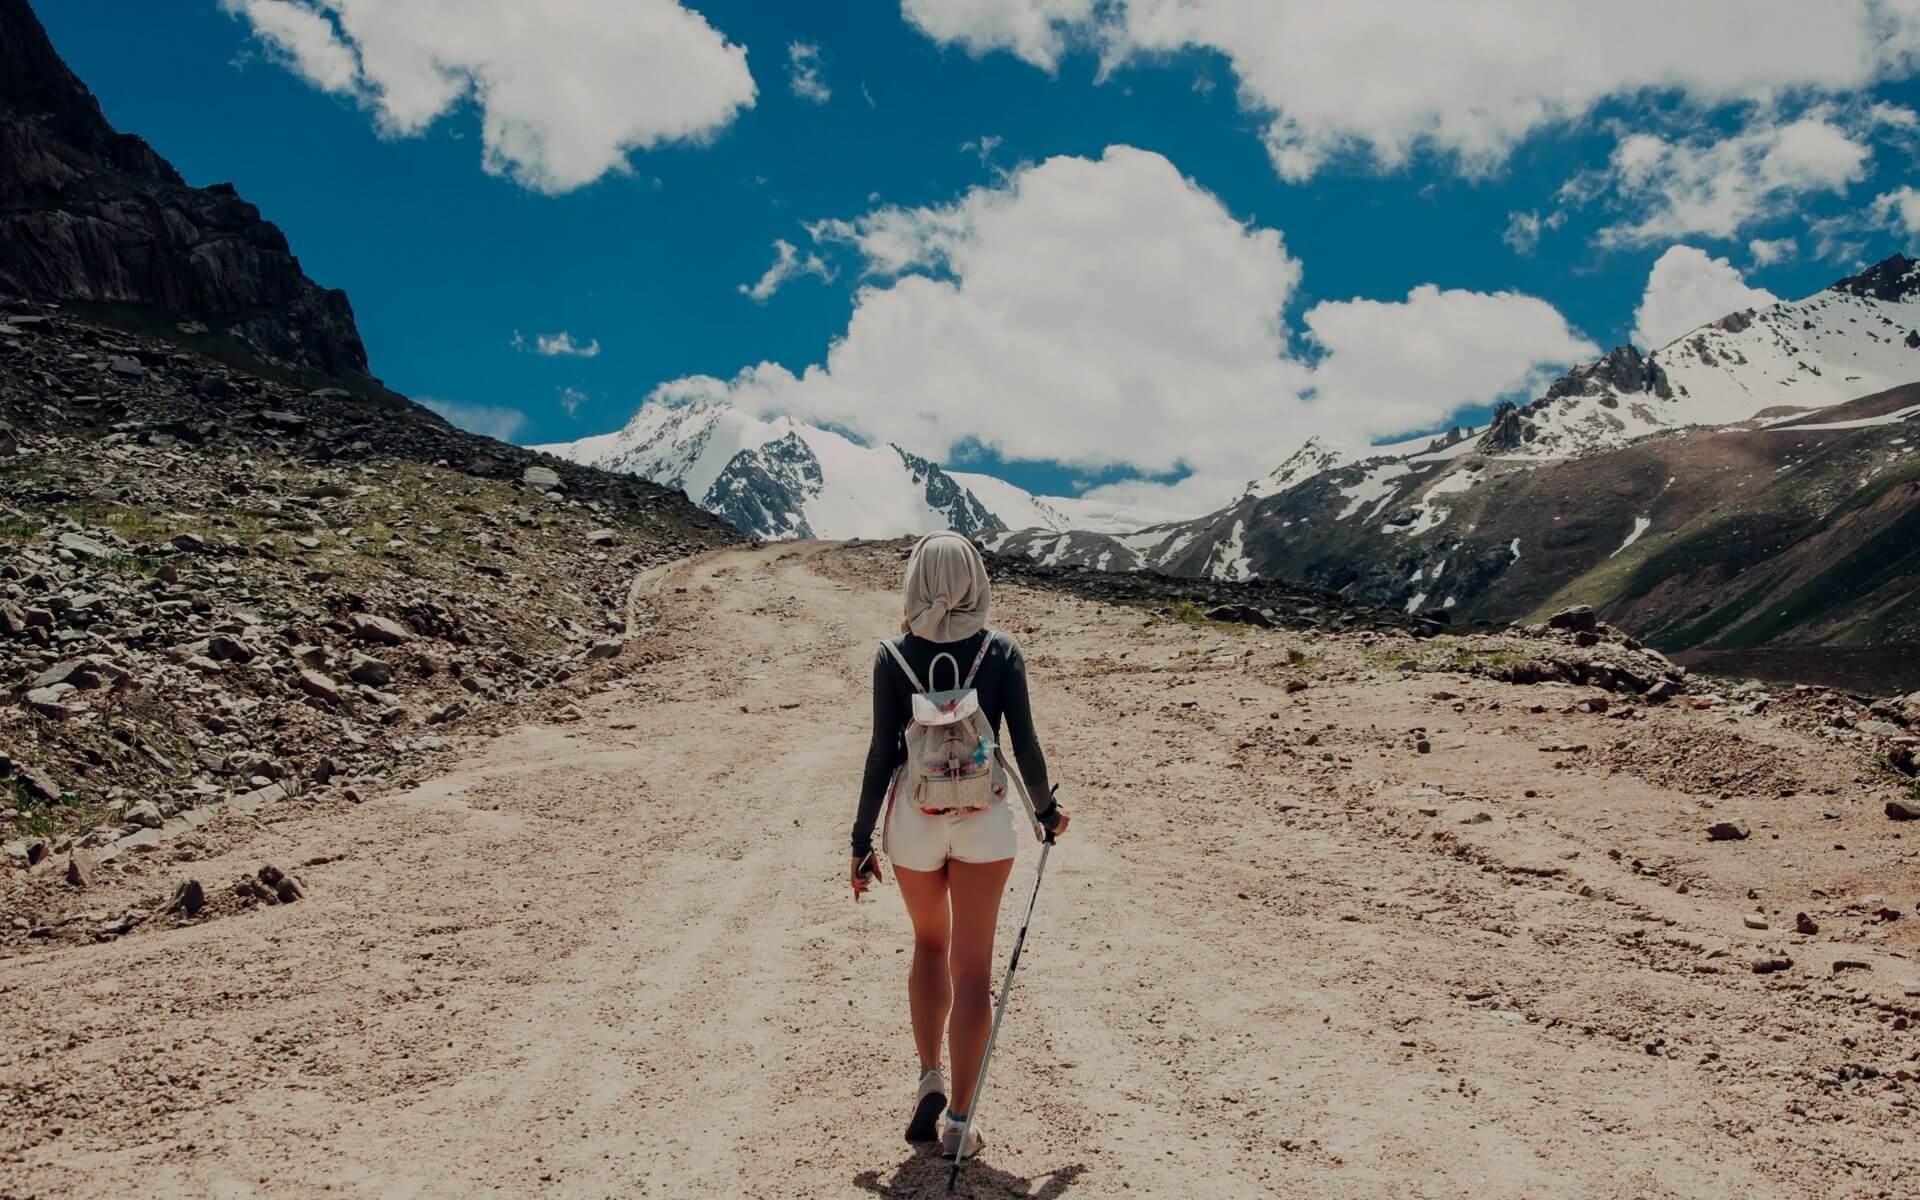 Entdecke jetzt: 5 Abenteuer für die du nie zu alt bist!